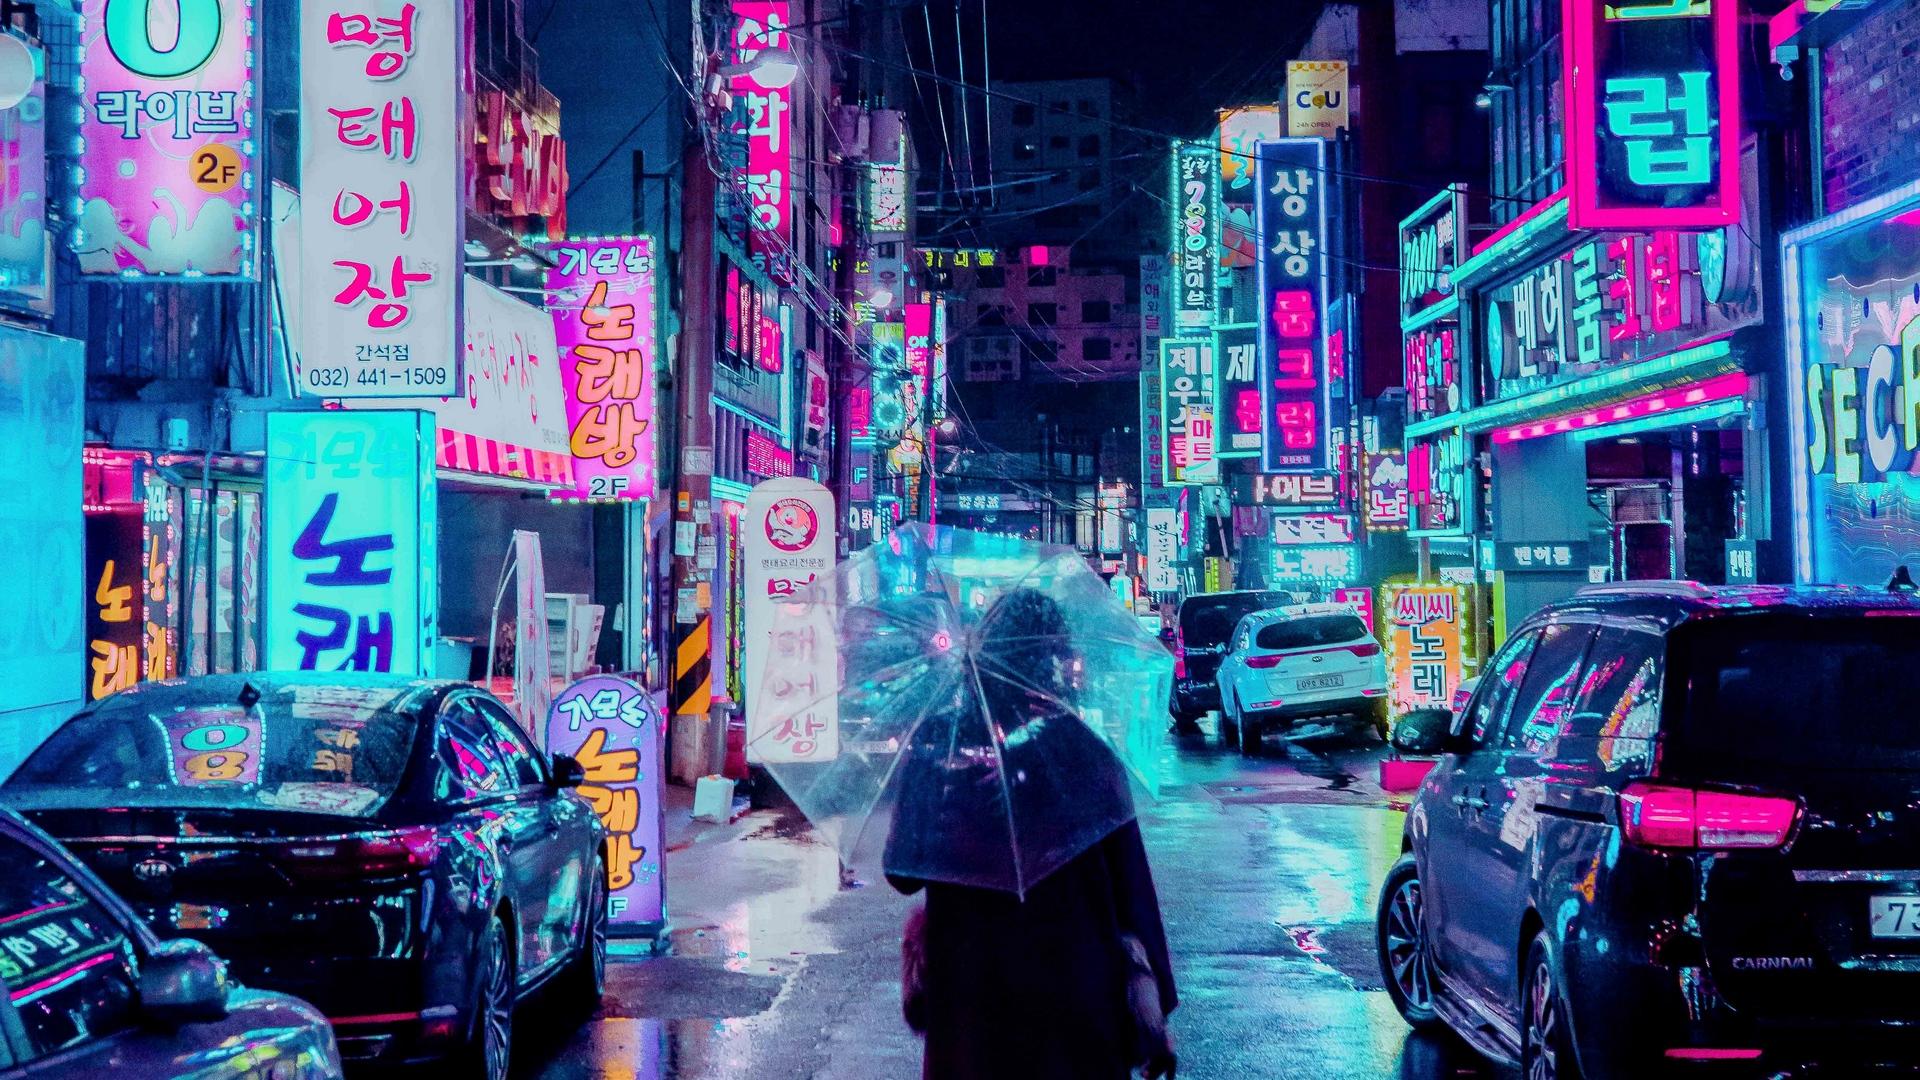 Neon City Desktop Wallpapers Wallpaper Cave